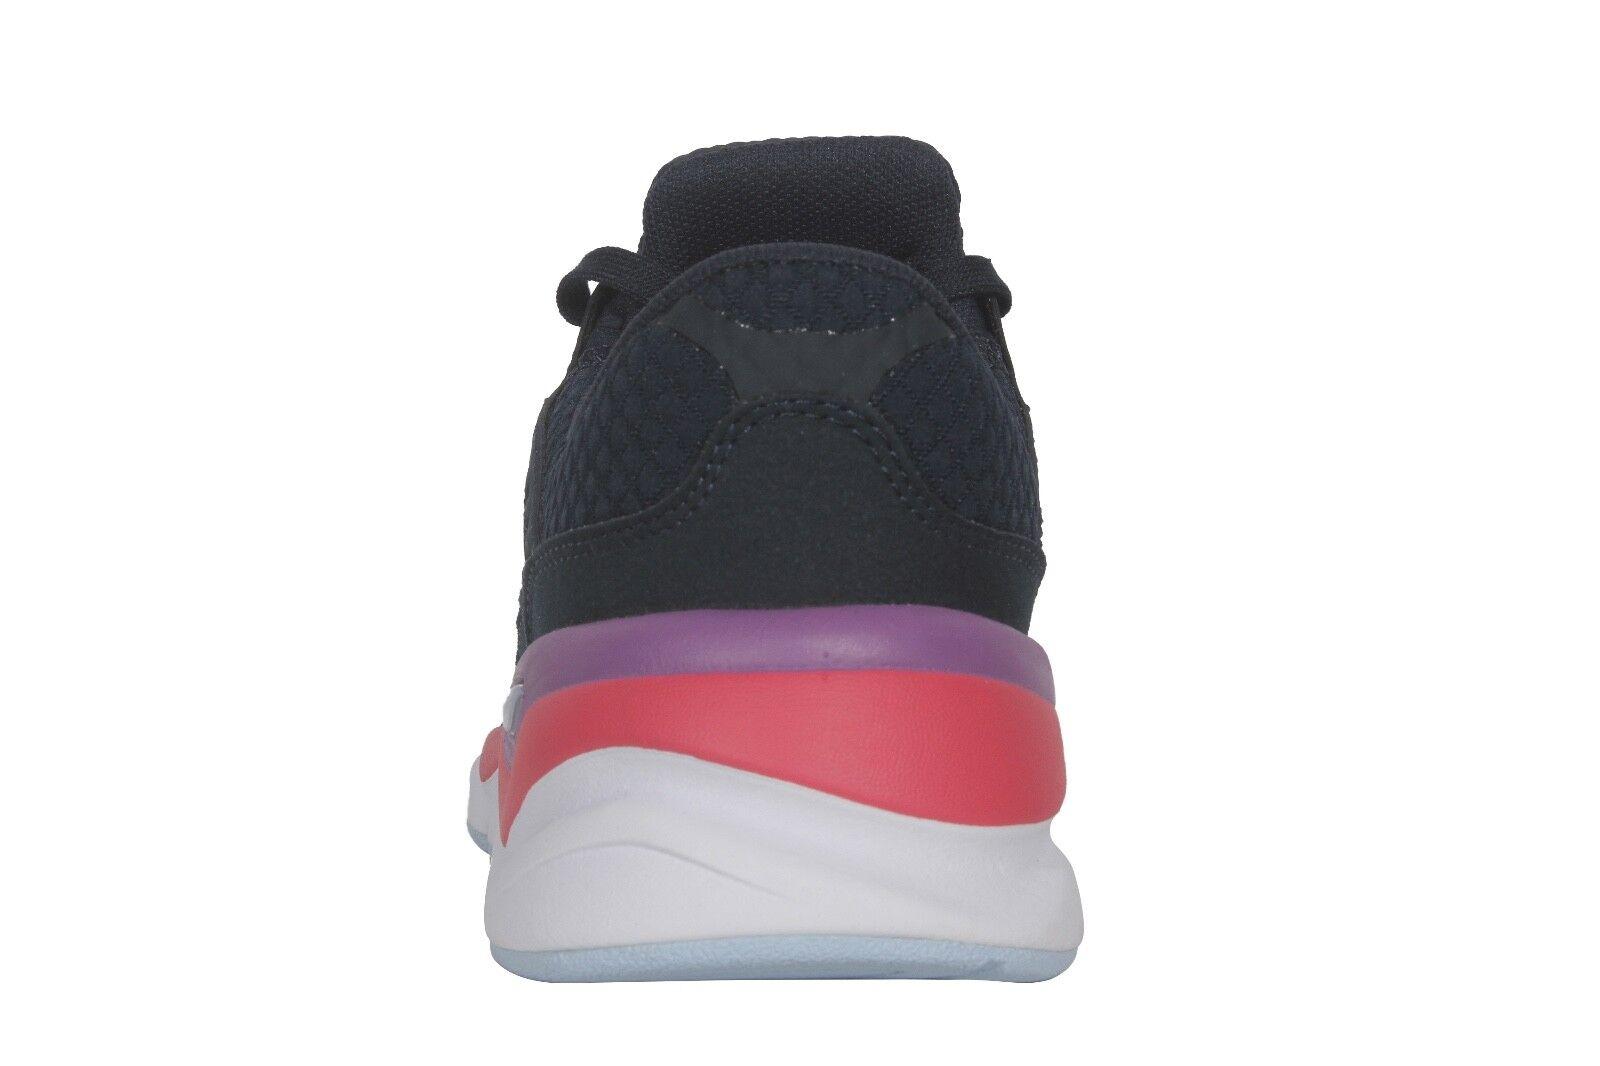 nouveau solde x90 wsx90cle chaussures femmes formation classique wsx90cle x90 marine en baskets ec740f